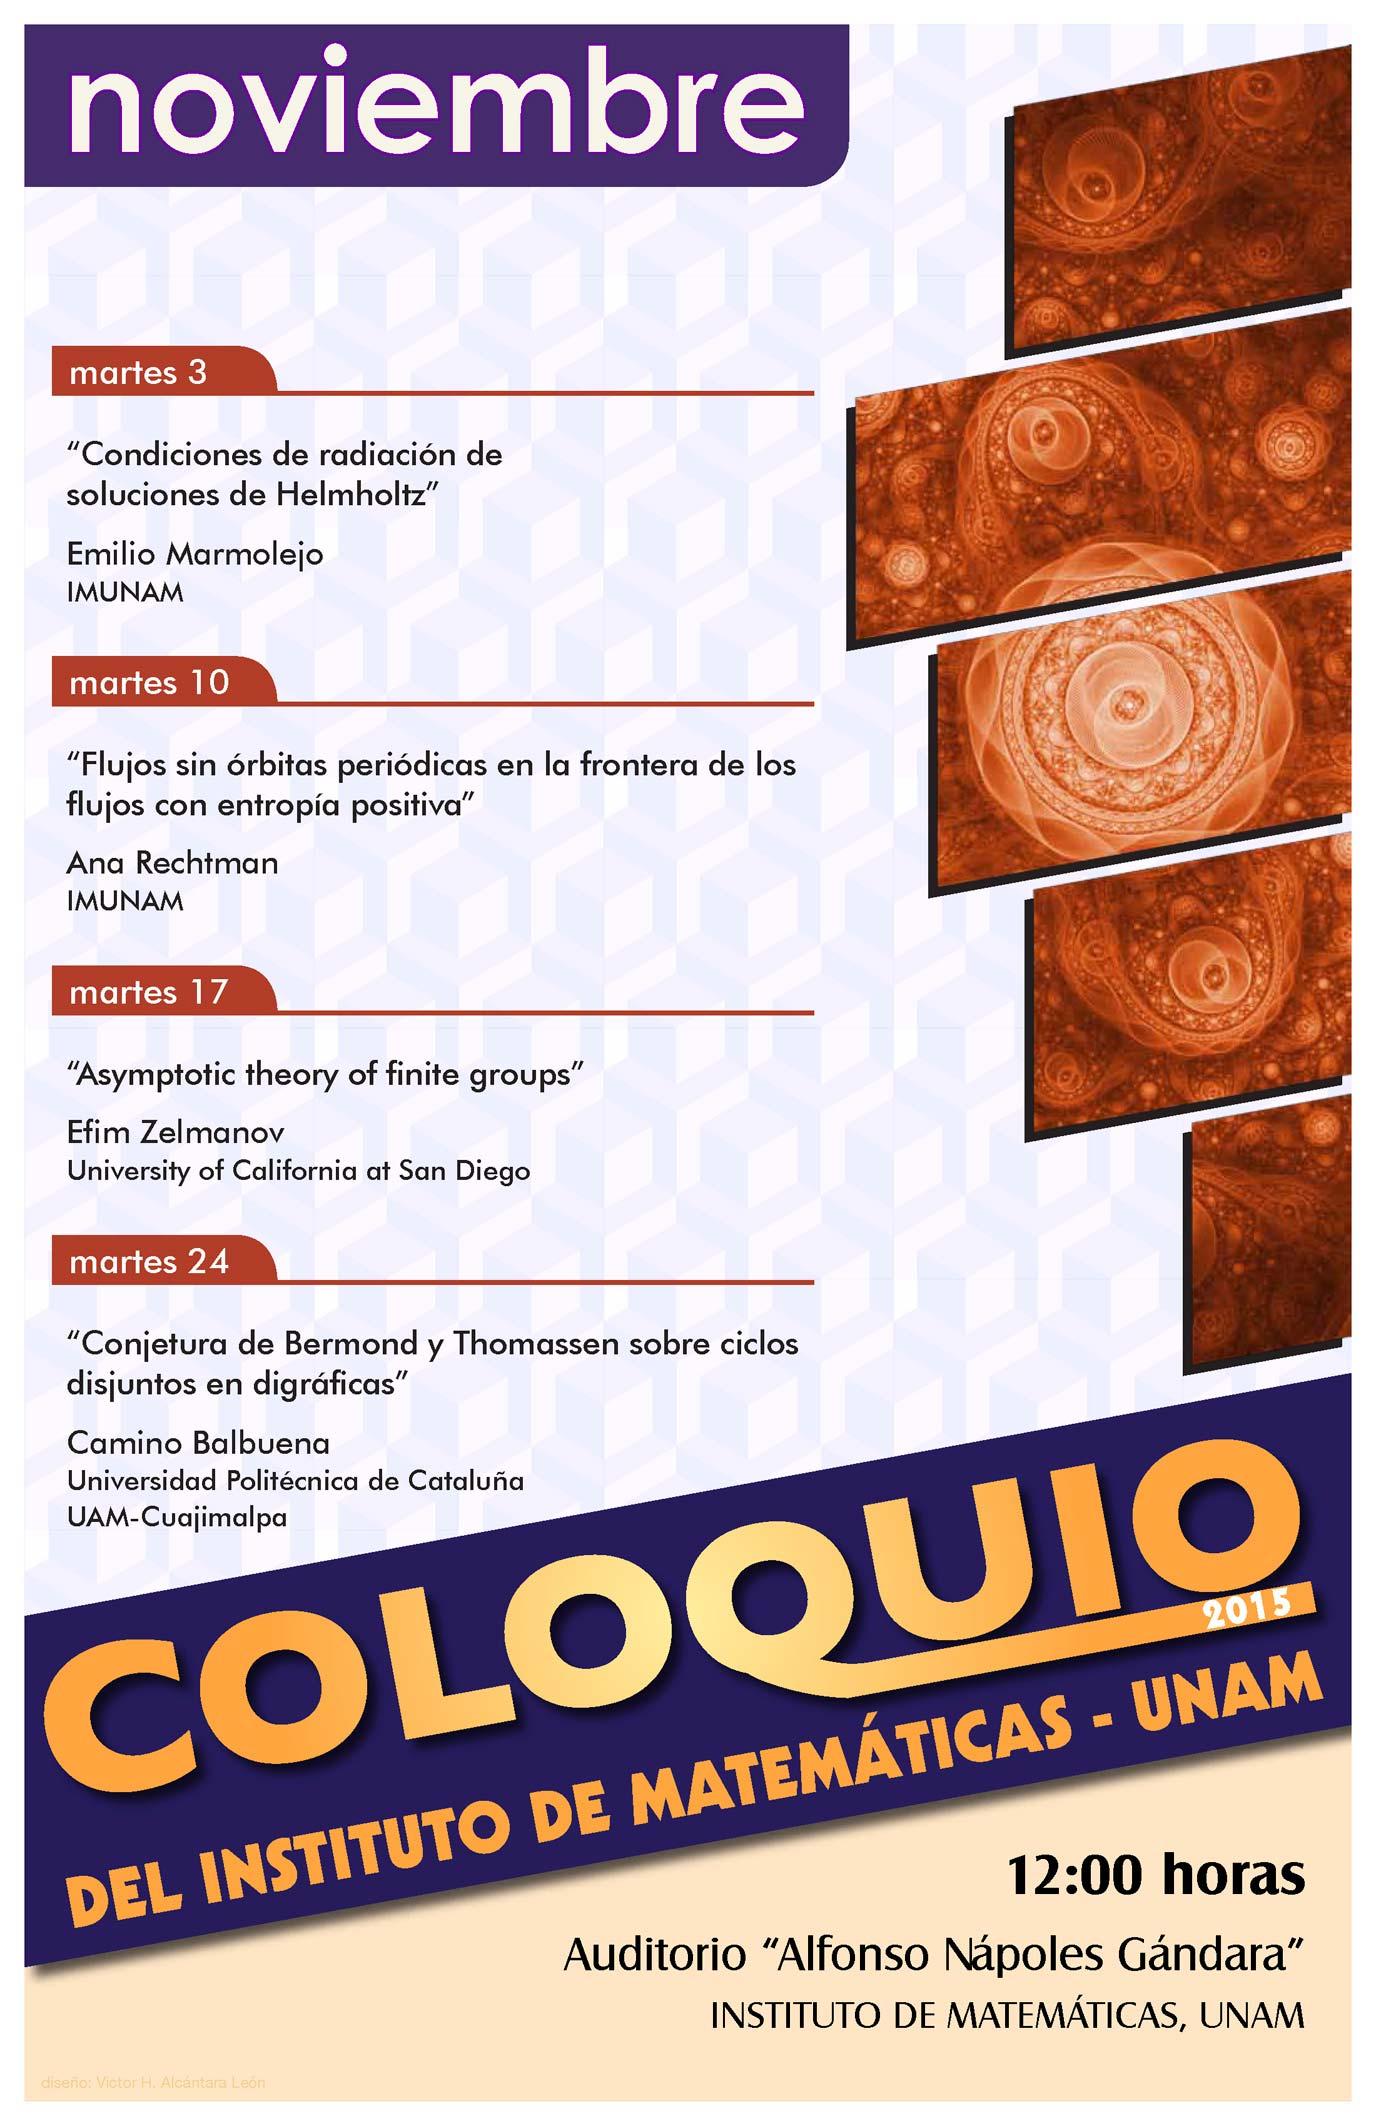 Noviembre: Sesiones para el Coloquio de CU